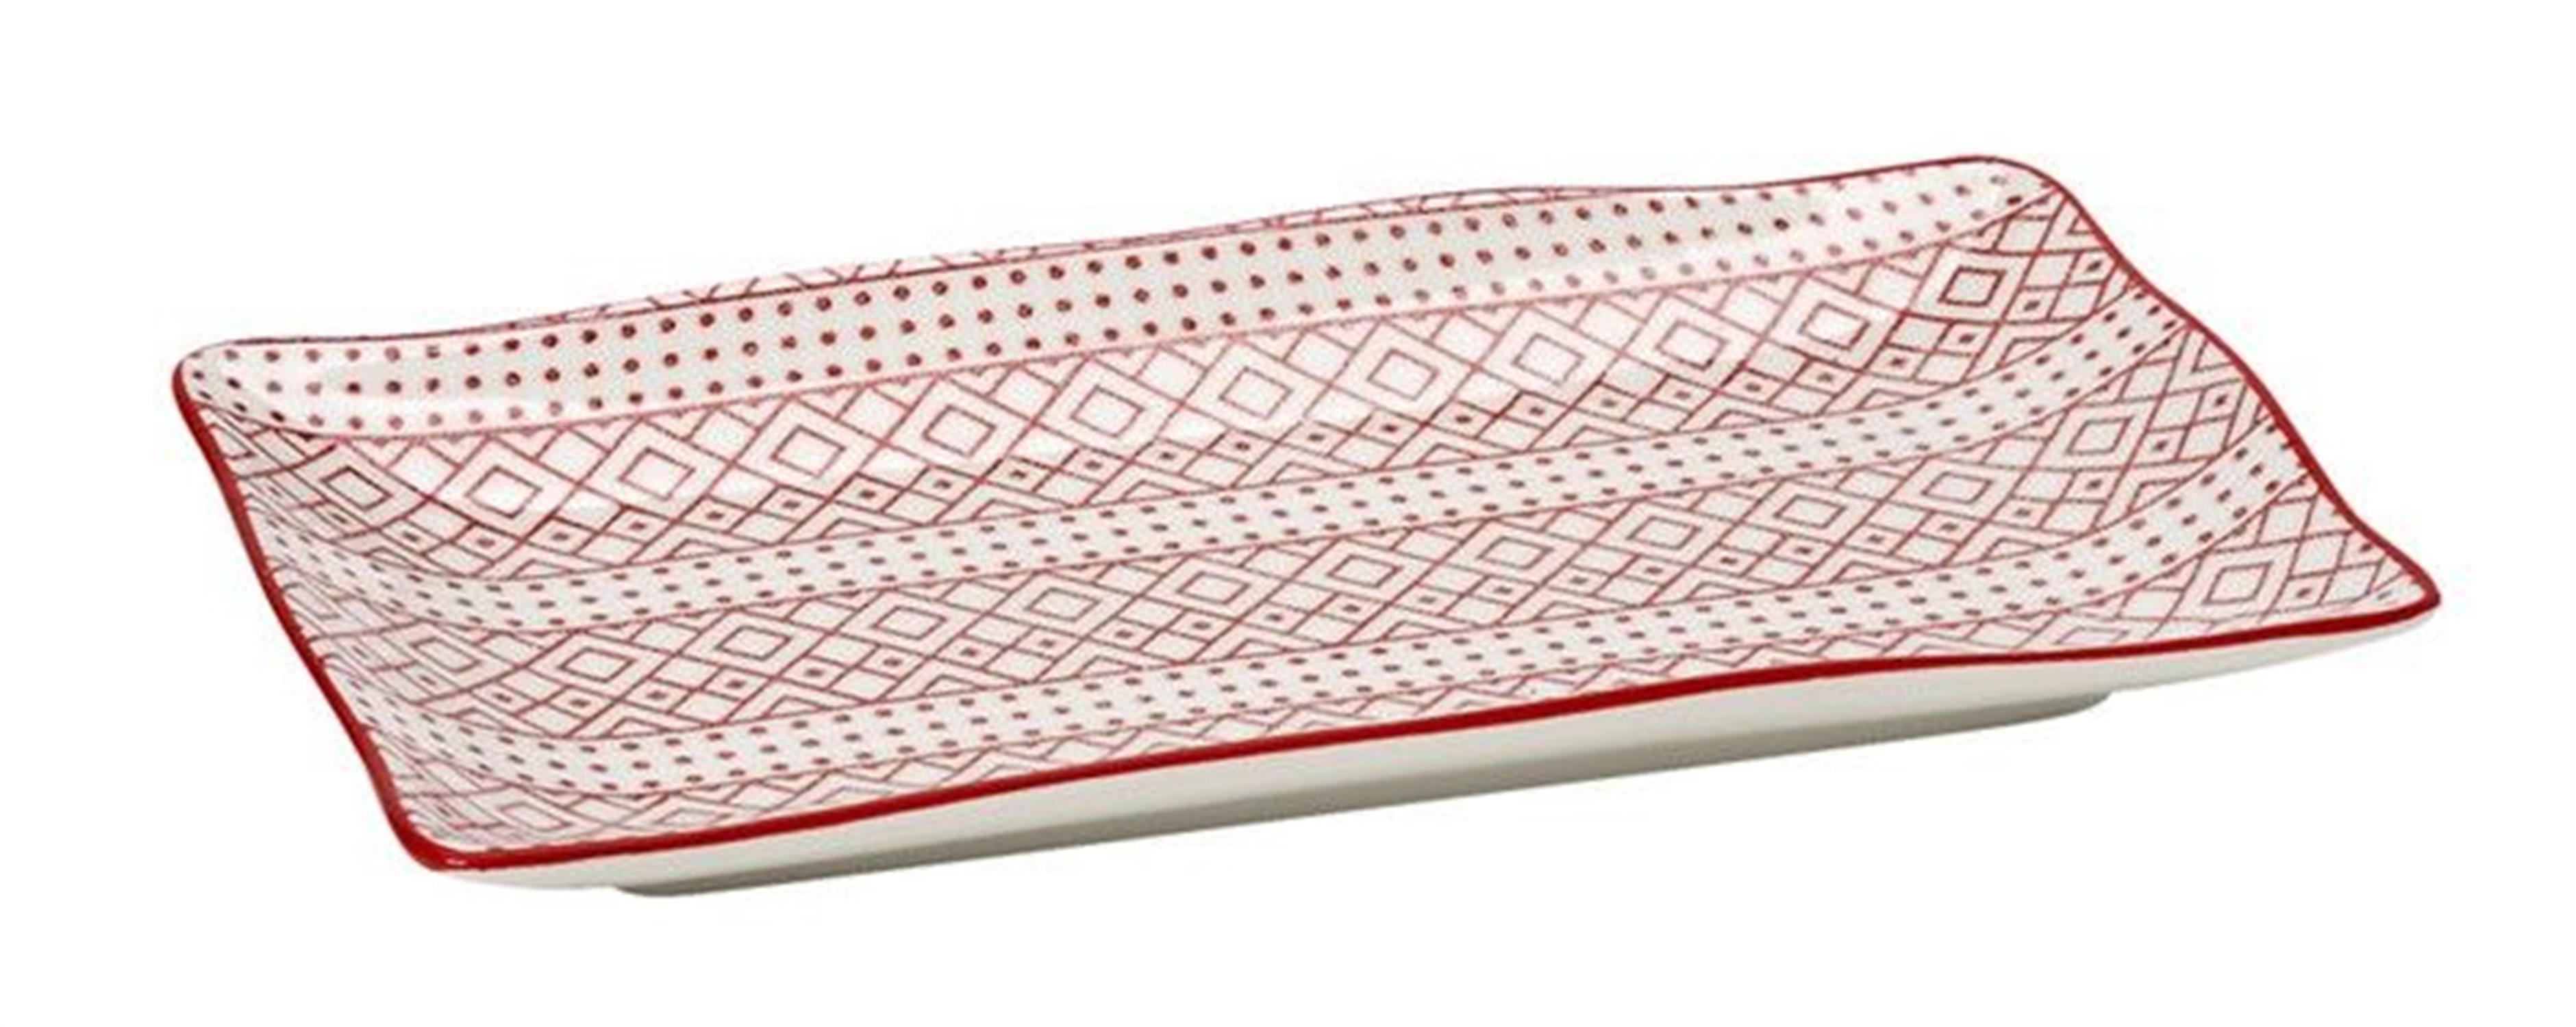 Πιατέλα σερβιρίσματος Charlotte stoneware κόκκινη/λευκή 17.8×10.3×1.5cm Espiel GUI344K6